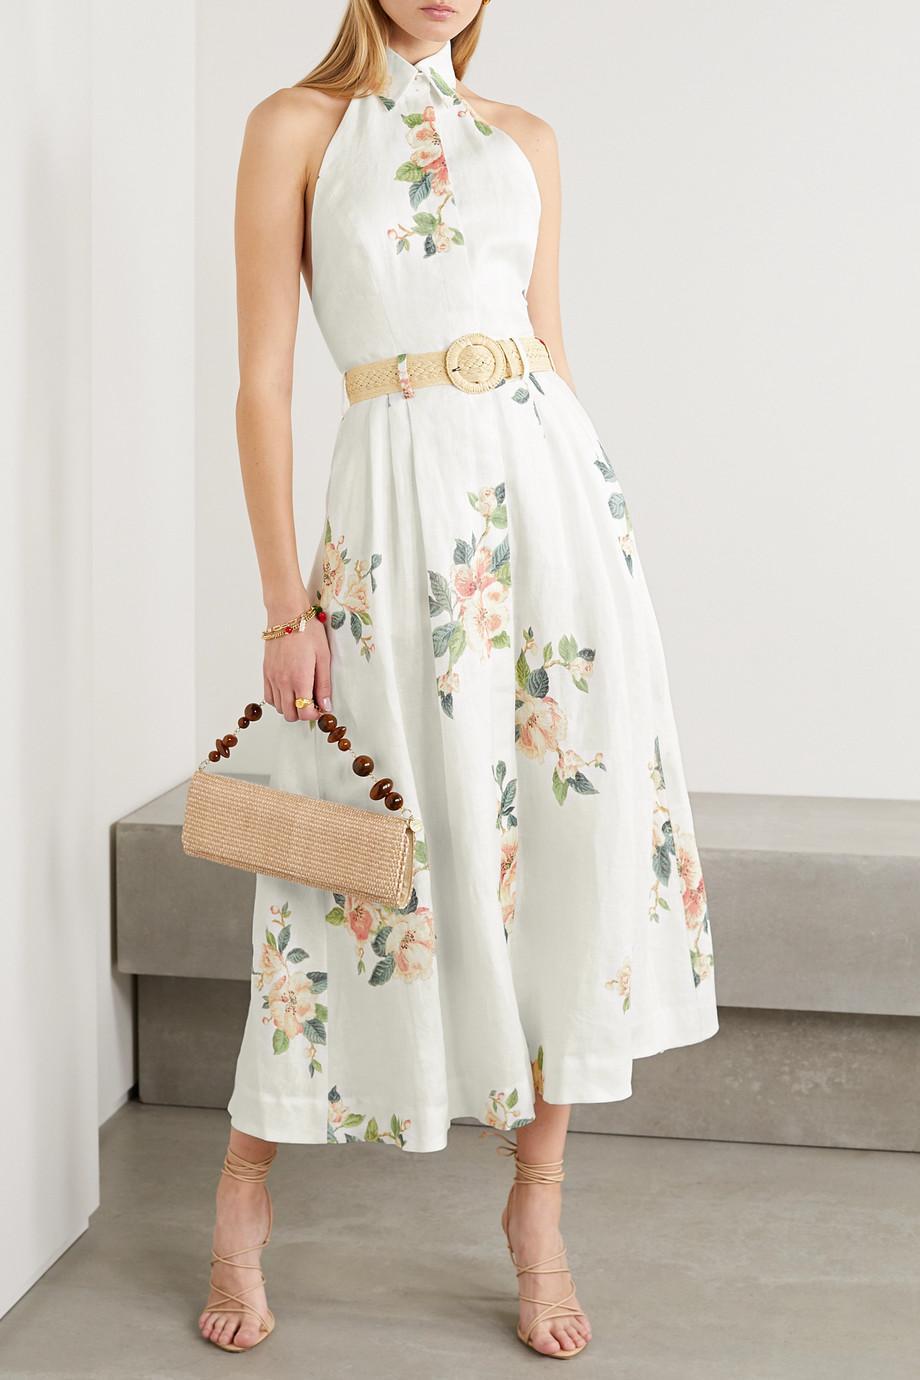 20 Spring Dresses Worthy of Easter Brunch 8